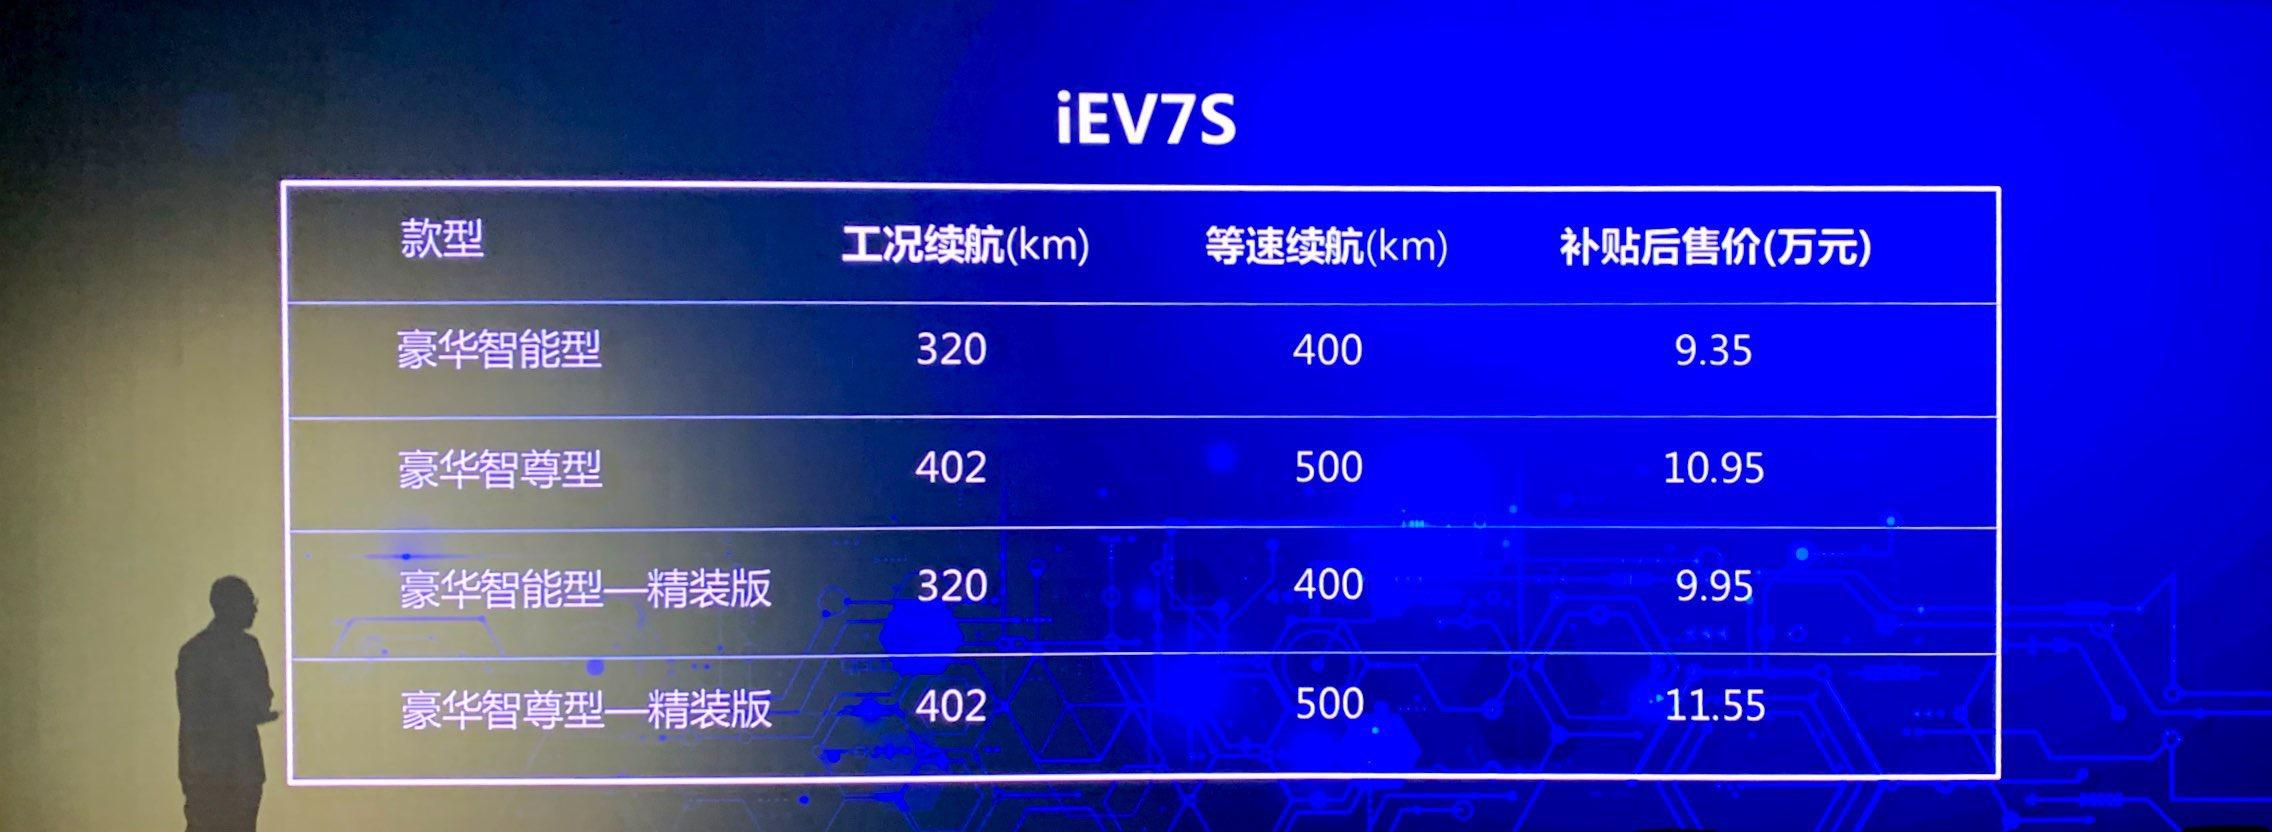 新款江淮iEV7S发布 补贴后9.35-11.55万元